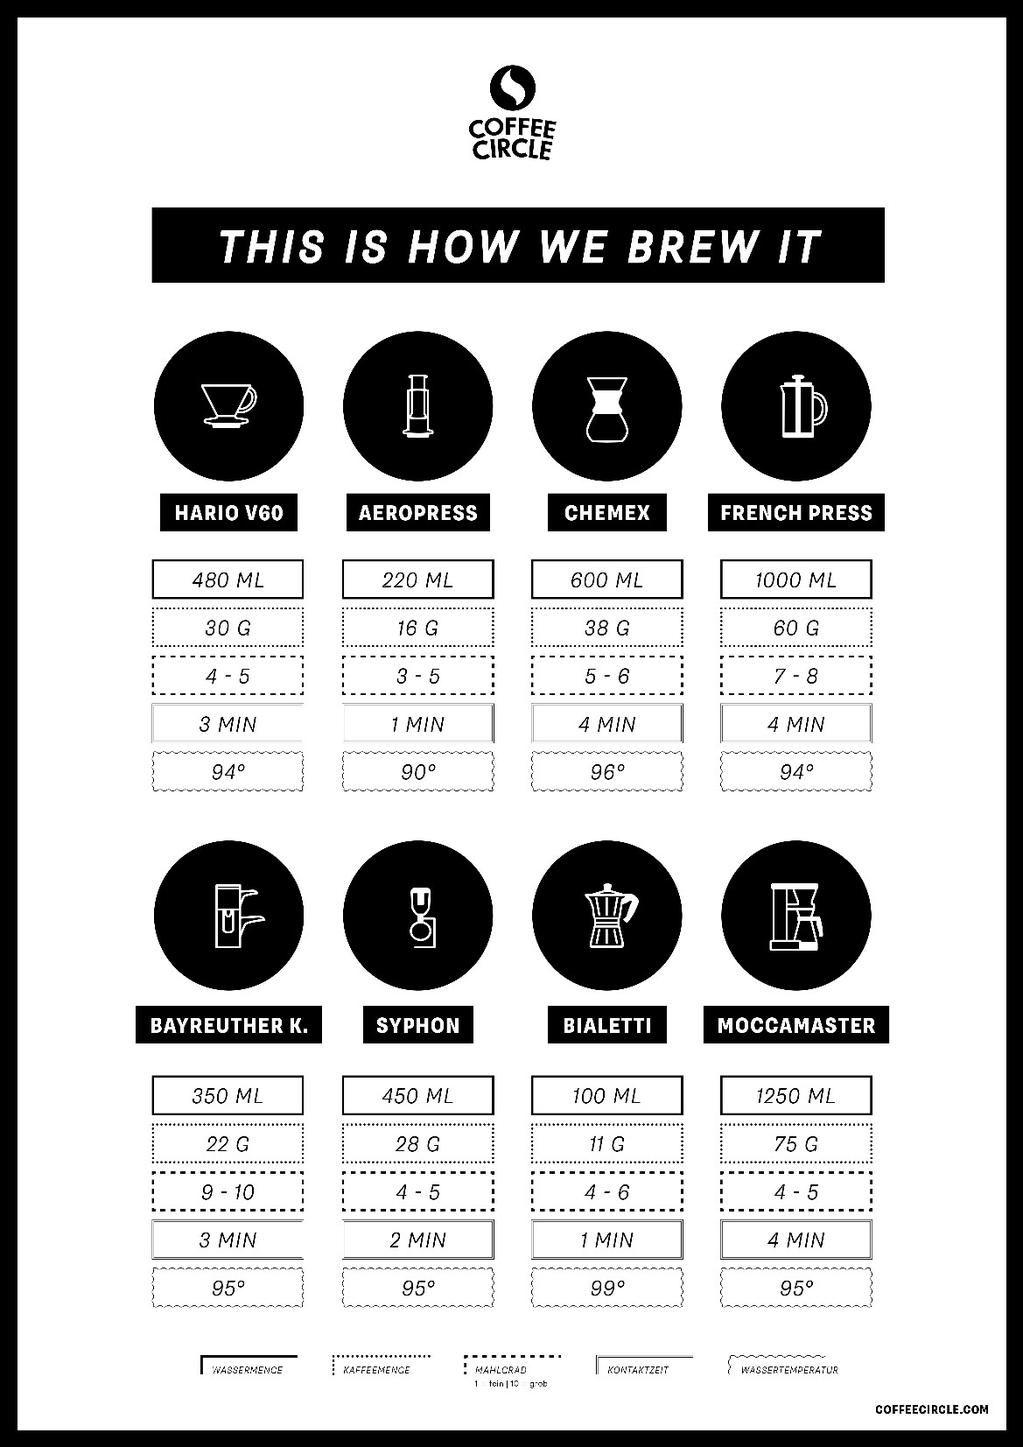 This is how we brew it. Tipps für 8 Kaffeezubereiter zum Ausdrucken! #chemex #hario